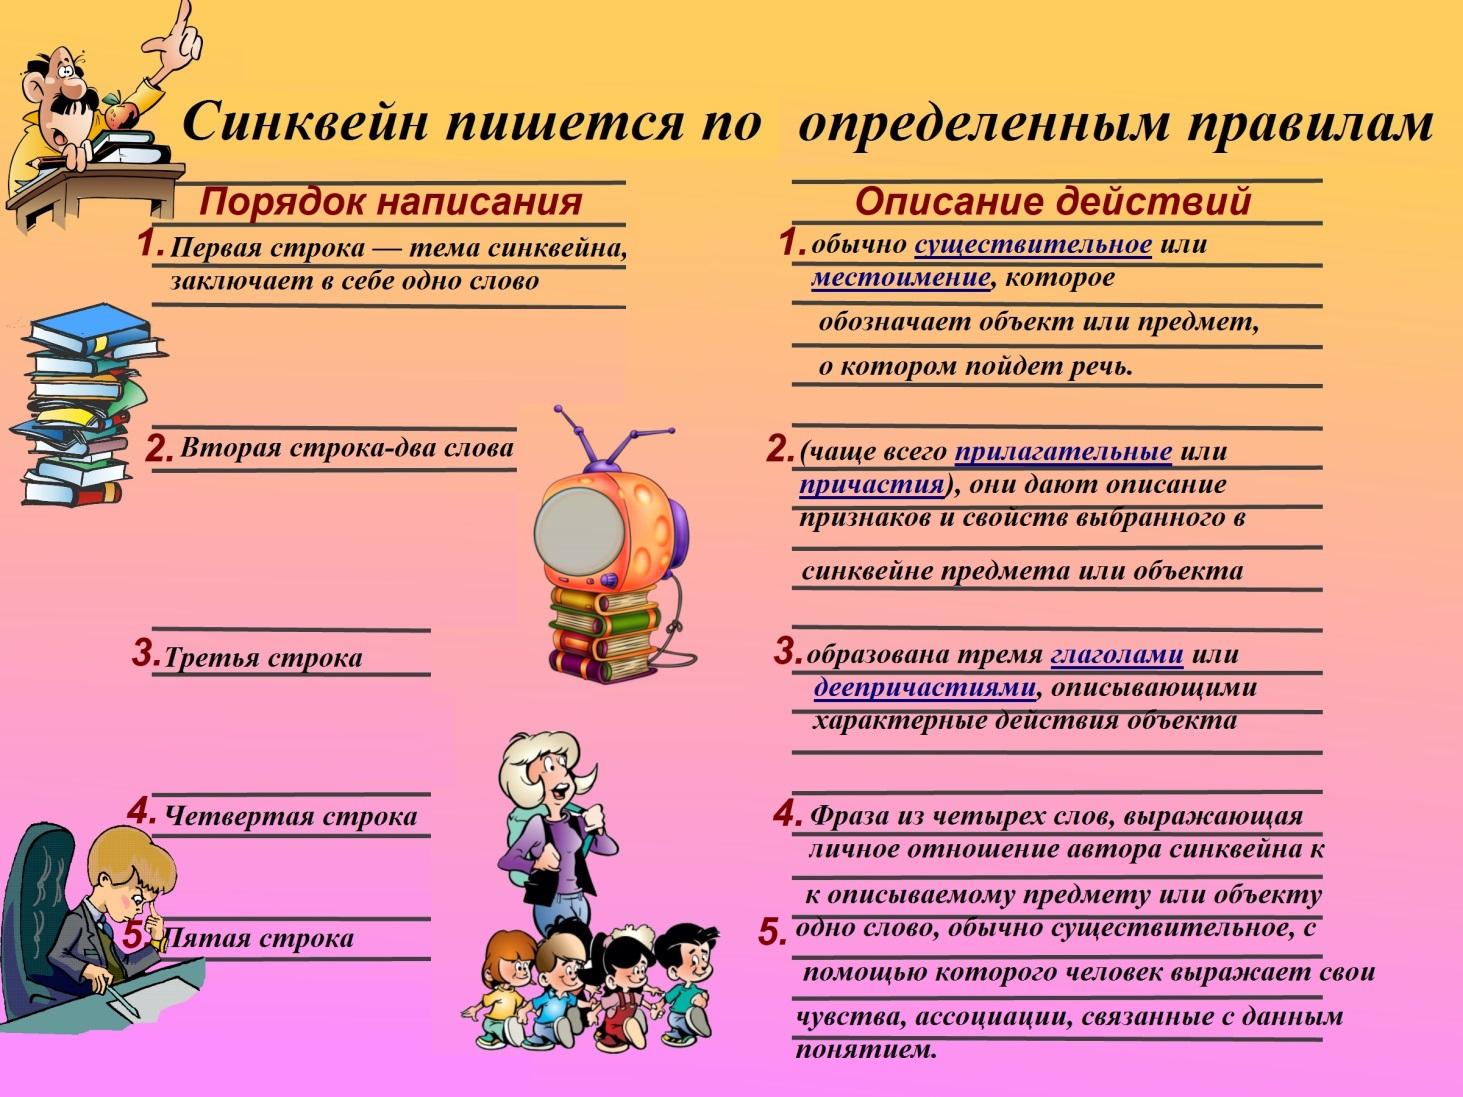 Сценарий детского праздника ко дню народного единства